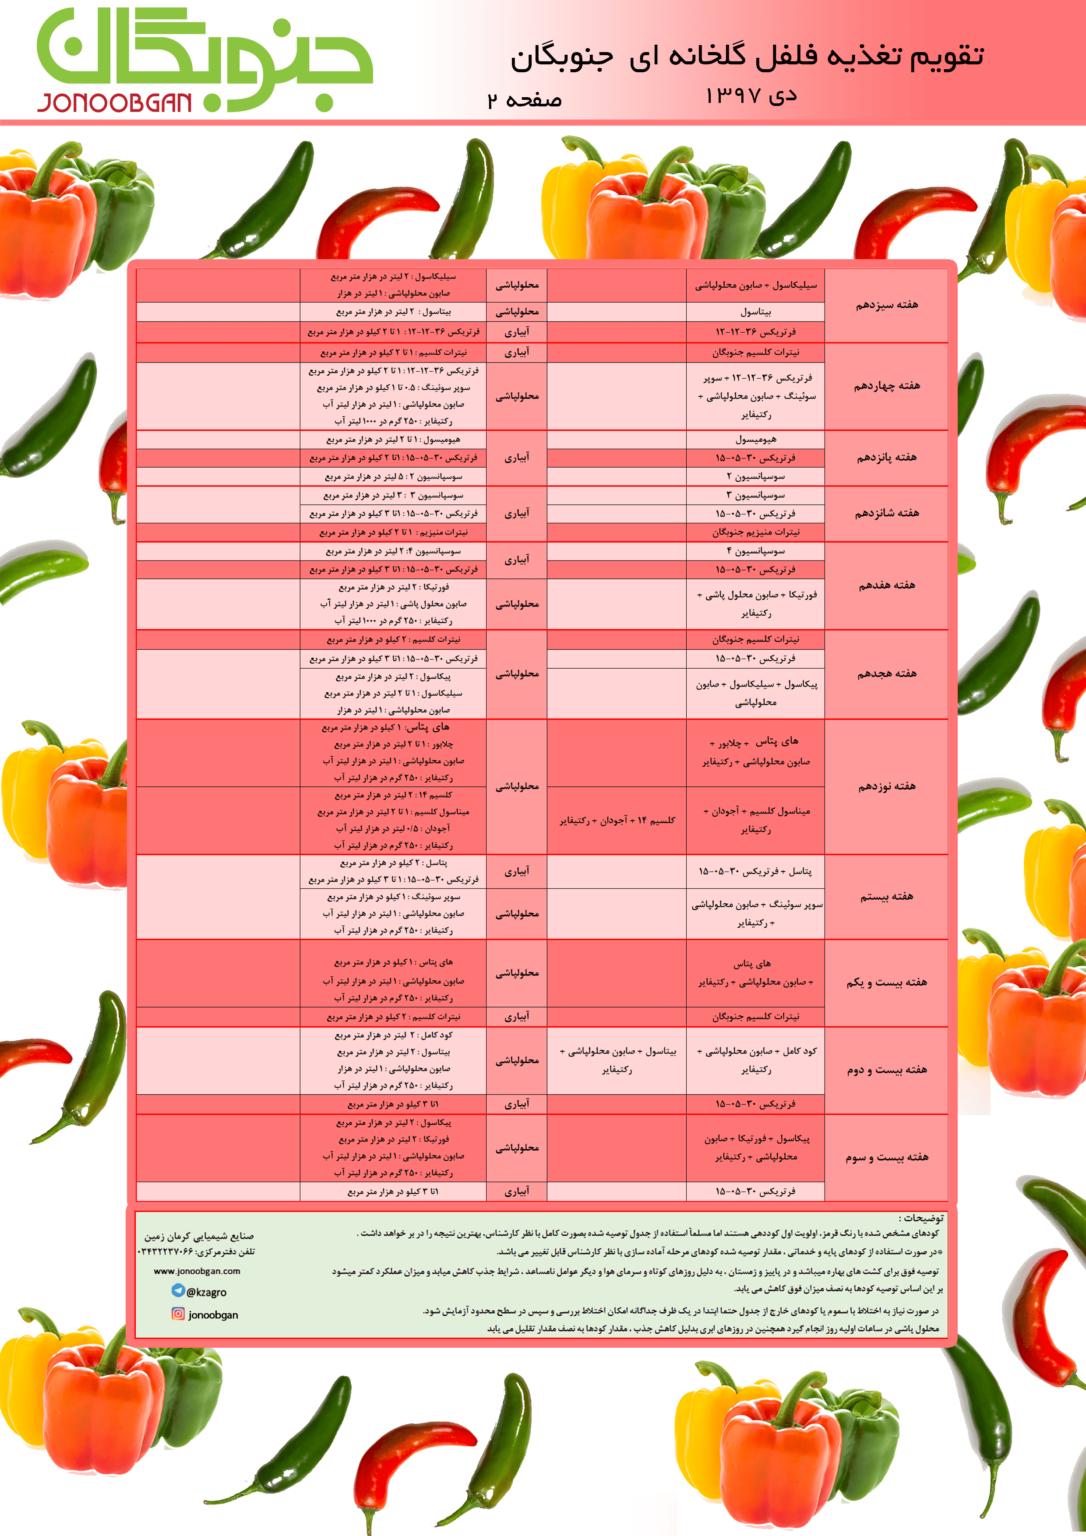 تقویم تغذیه فلفل گلخانه ای (۲) جنوبگان